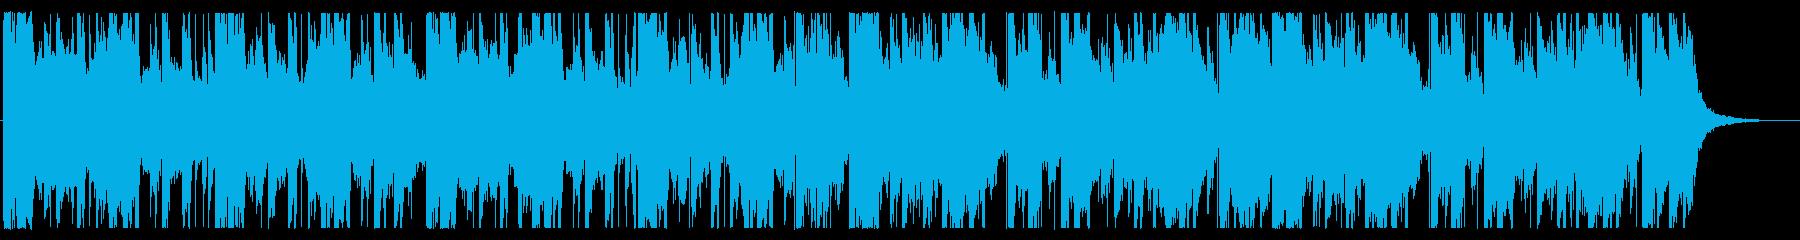 ピアノ/シンプル/R&B_No443_5の再生済みの波形